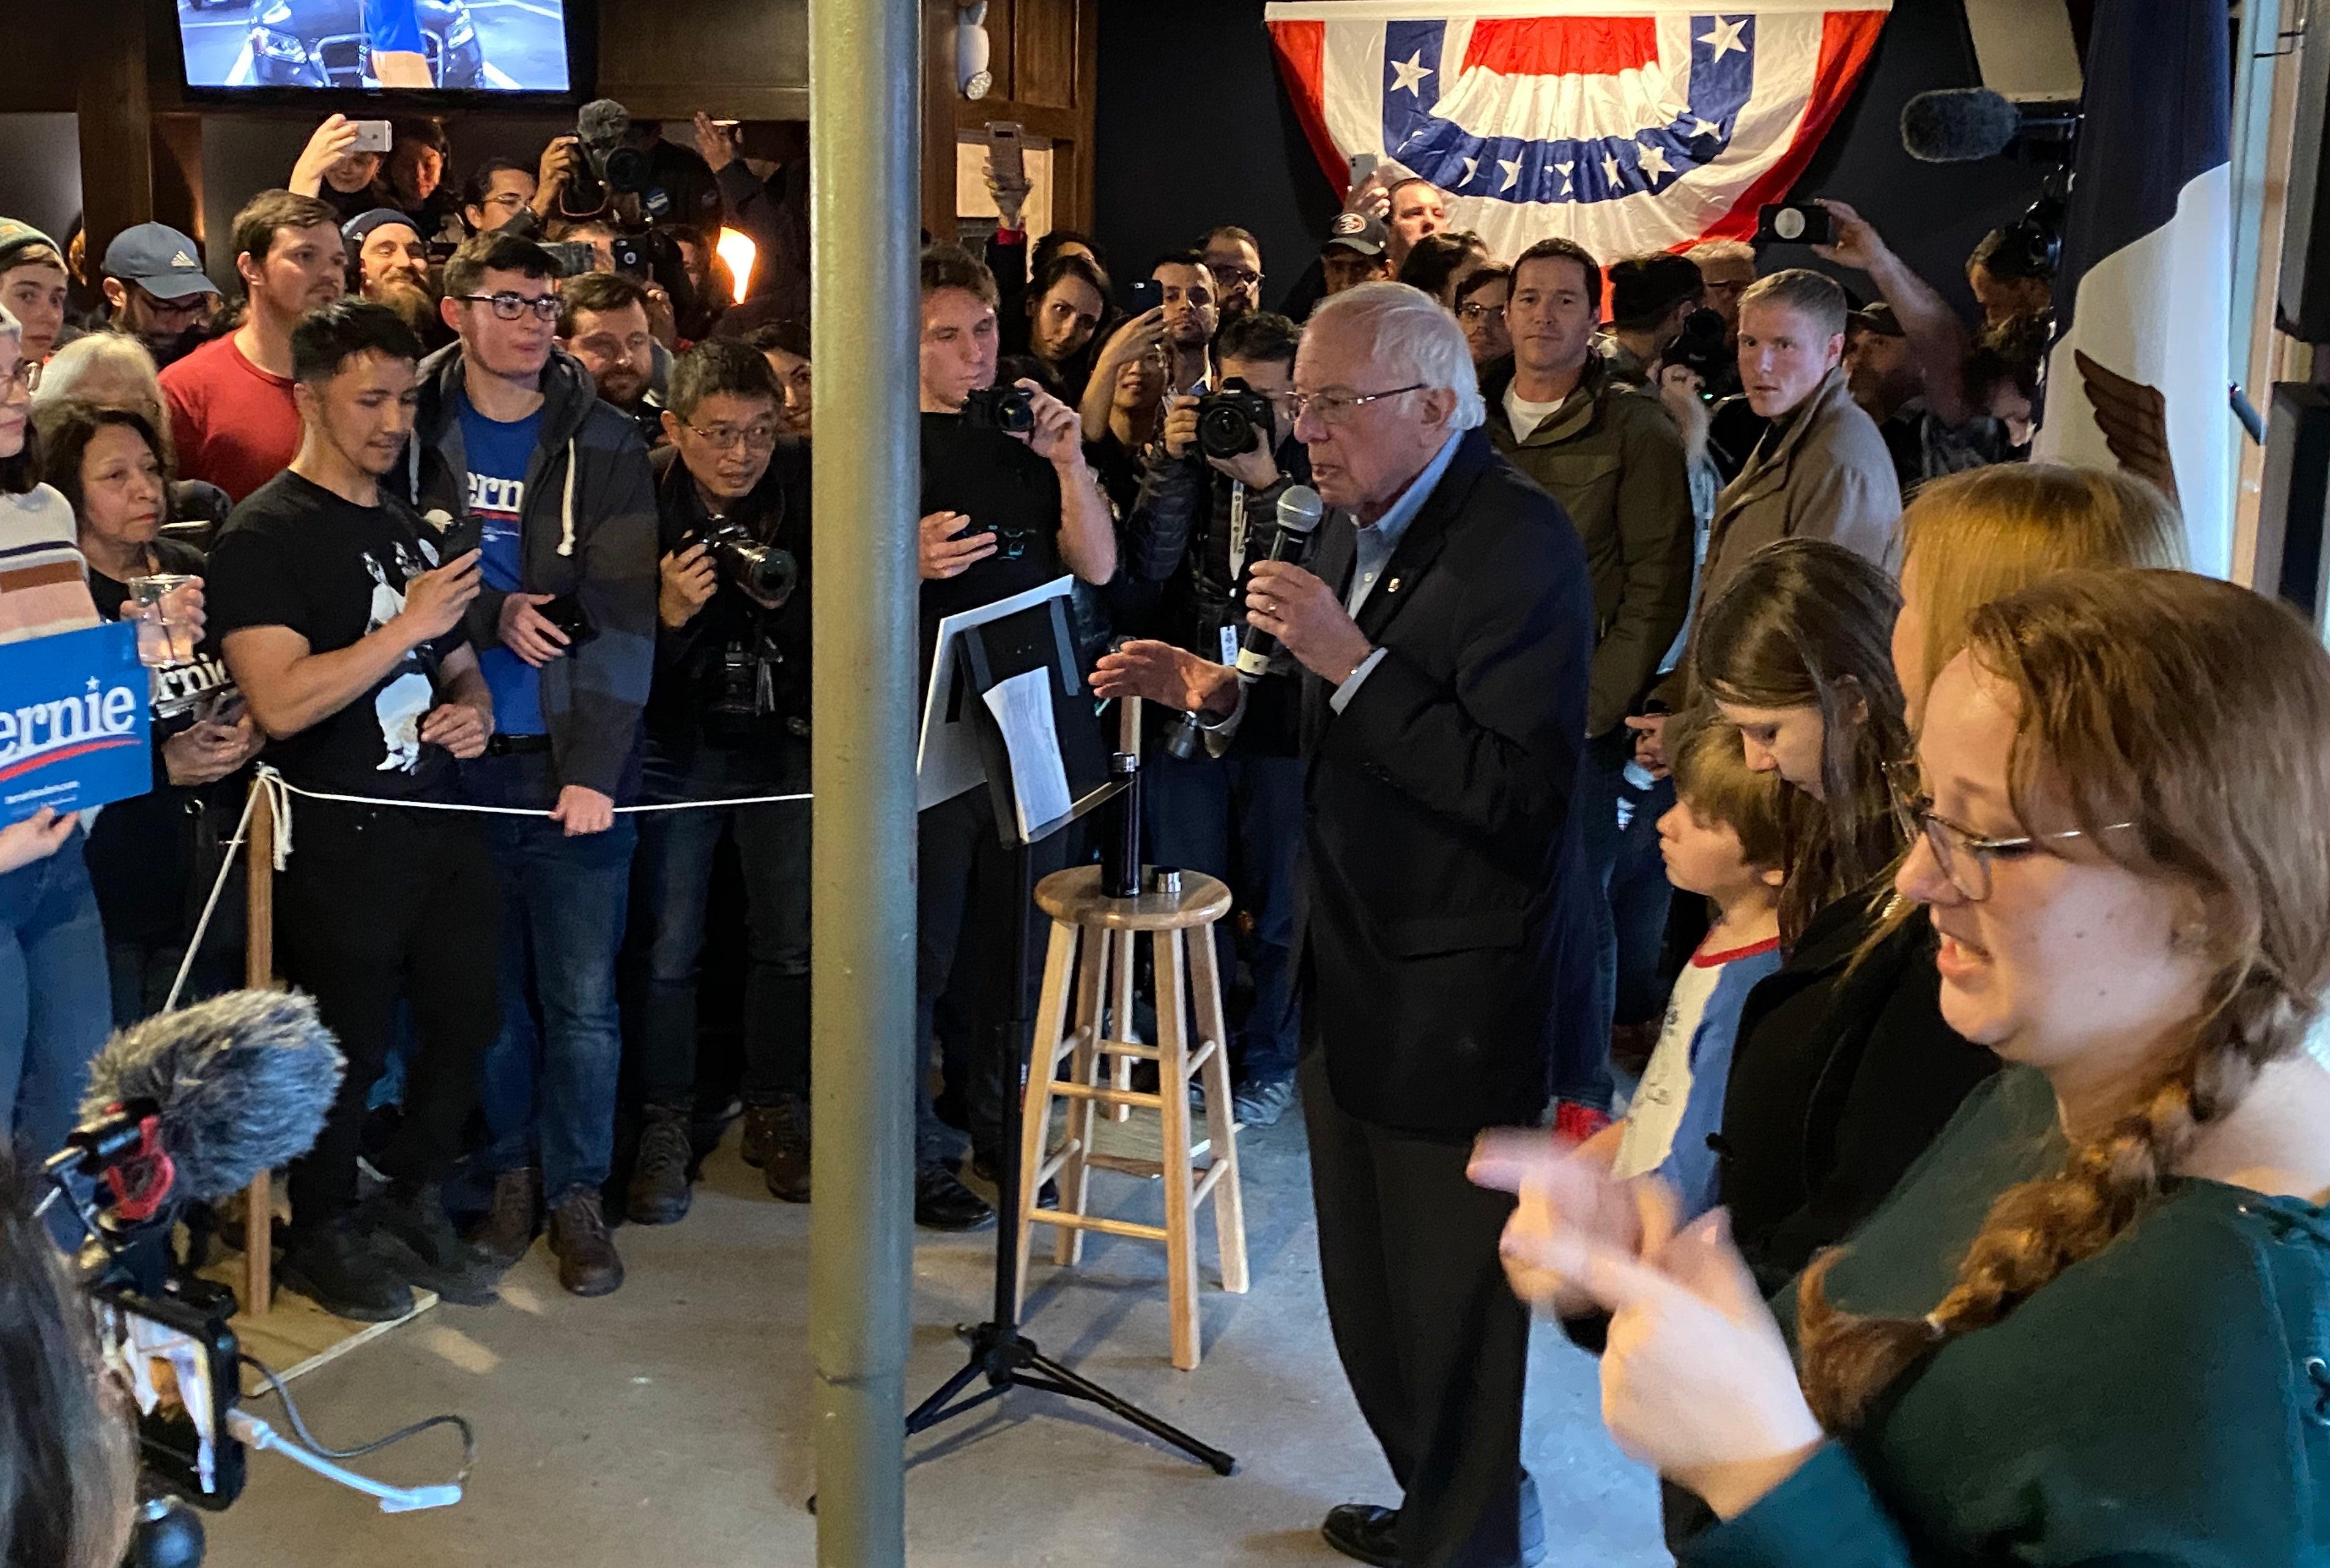 Die Kandidaten stellen Ihre Schließung Fälle am Vorabend von Iowa Kaukasus